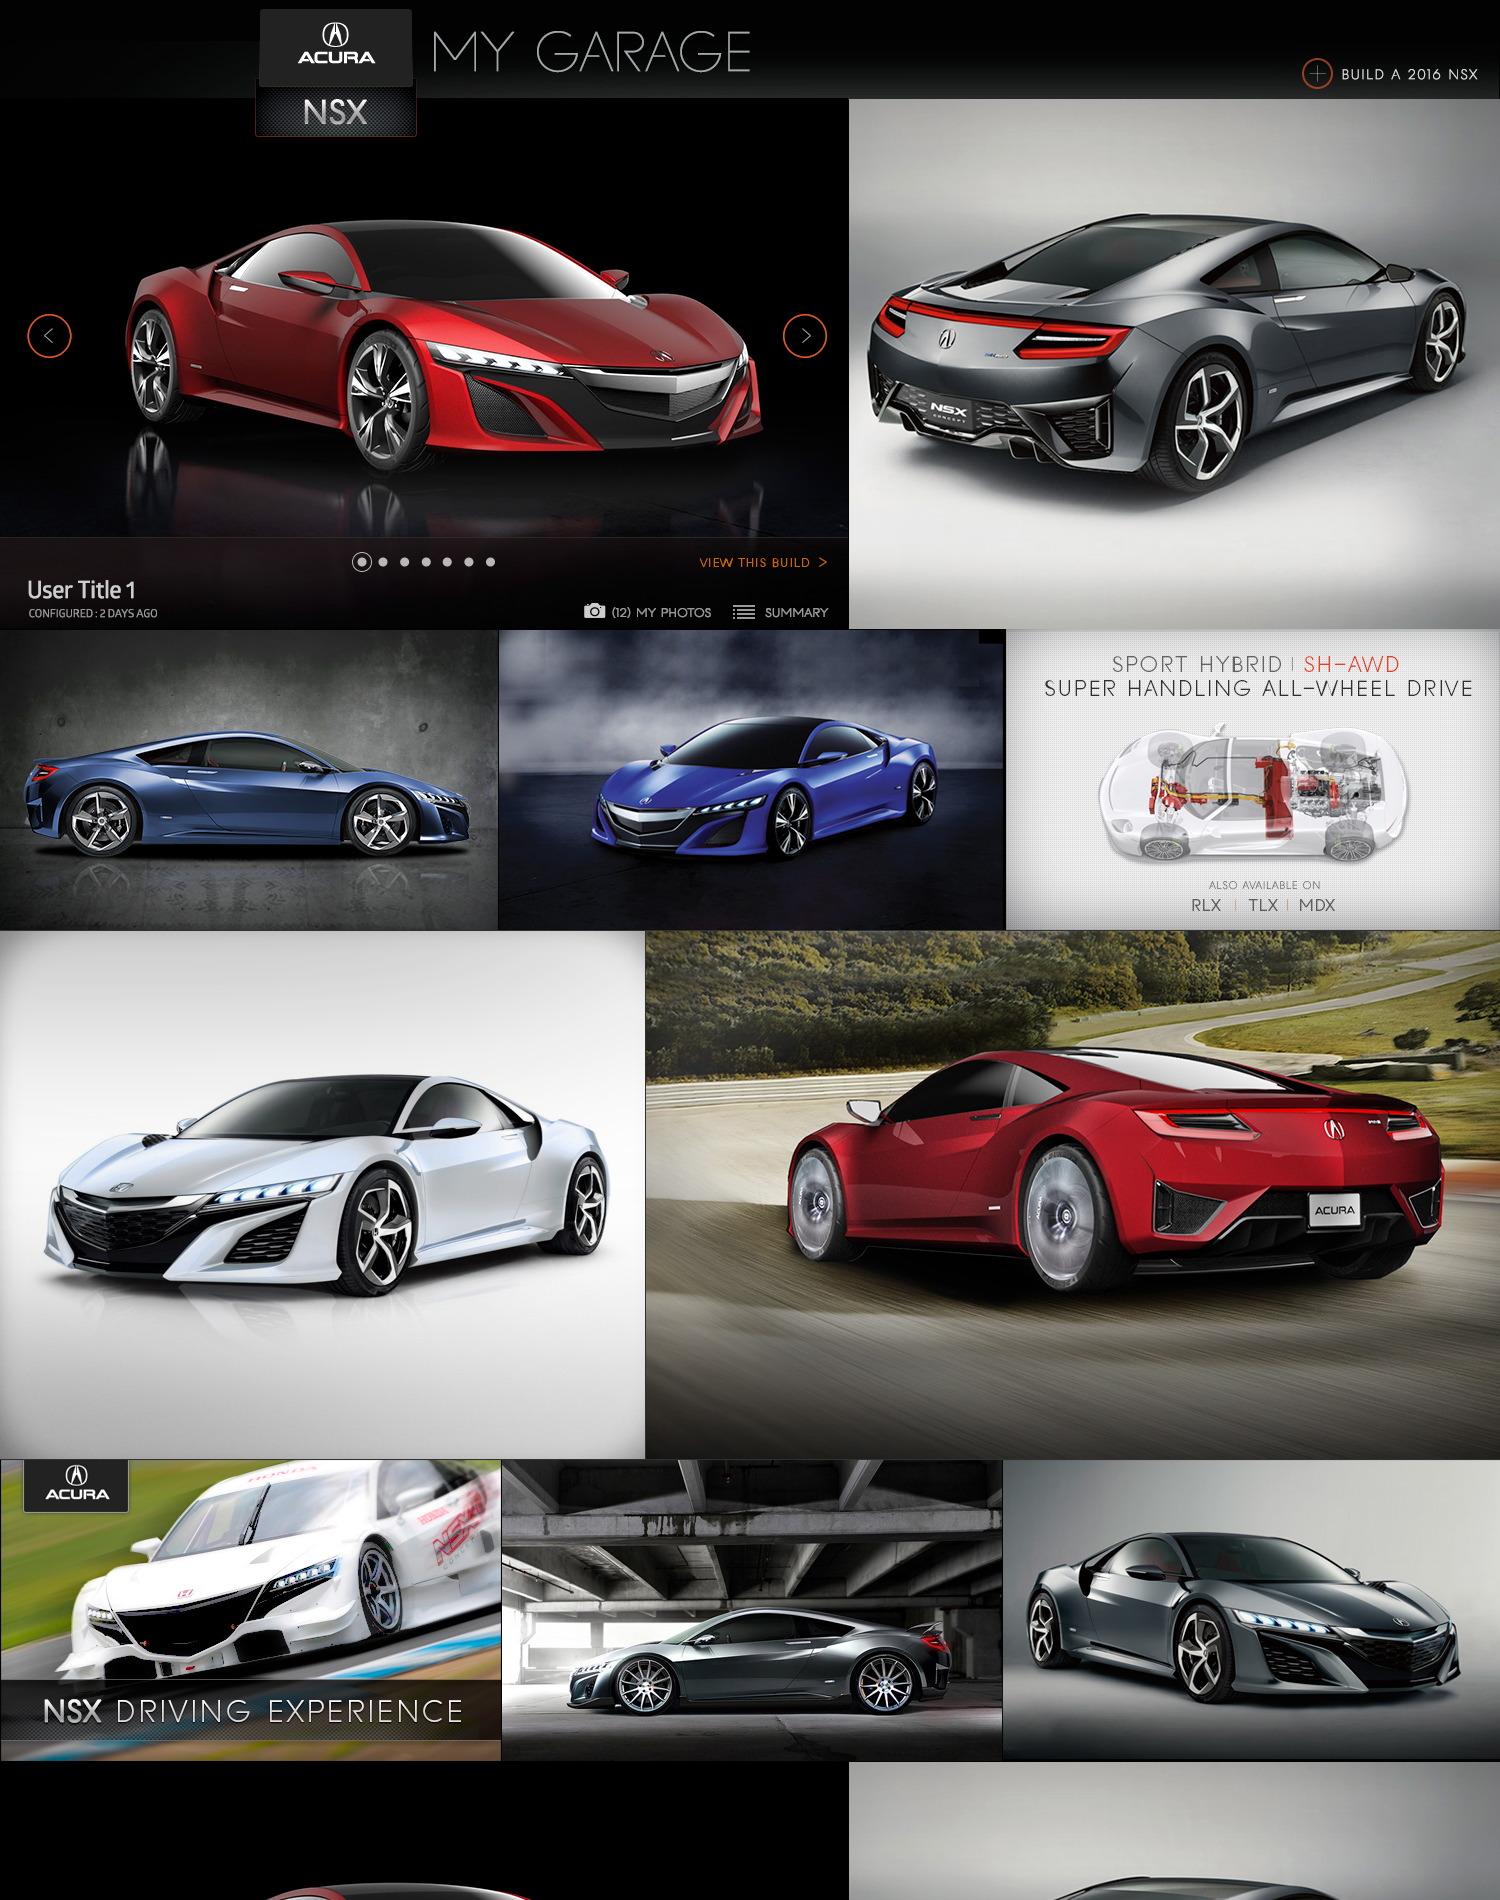 Acura_NSX_BTO_Garage_Concept_01.JPG